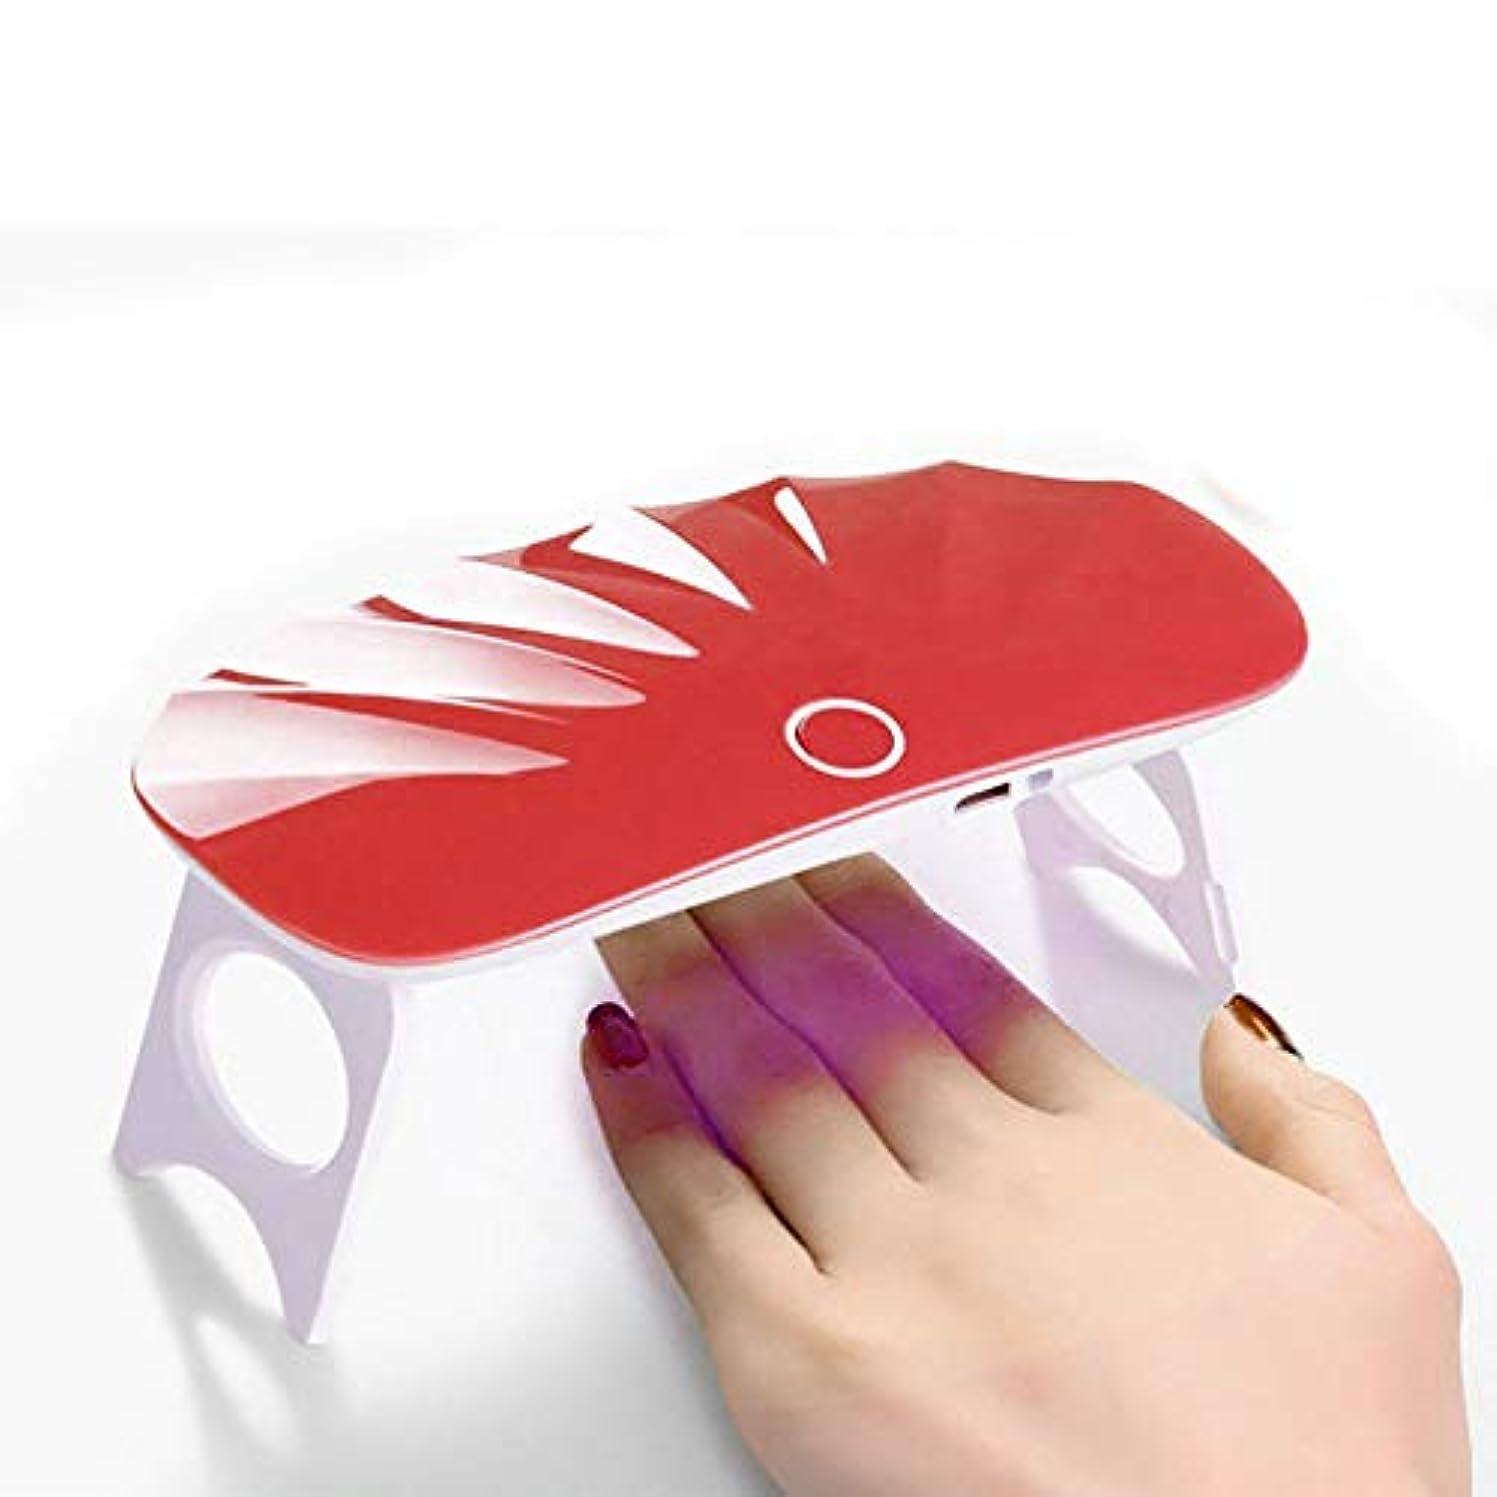 ジャンク接続雄大なJilebao ネイルライト 6W ハイパワー USBライン付き ミニ 可愛い ジェルネイル レジンクラフト コンパクト LEDライト UVライト ネイルドライヤー 自動検知モード 折りたたみ式 手足とも使える (レッド)